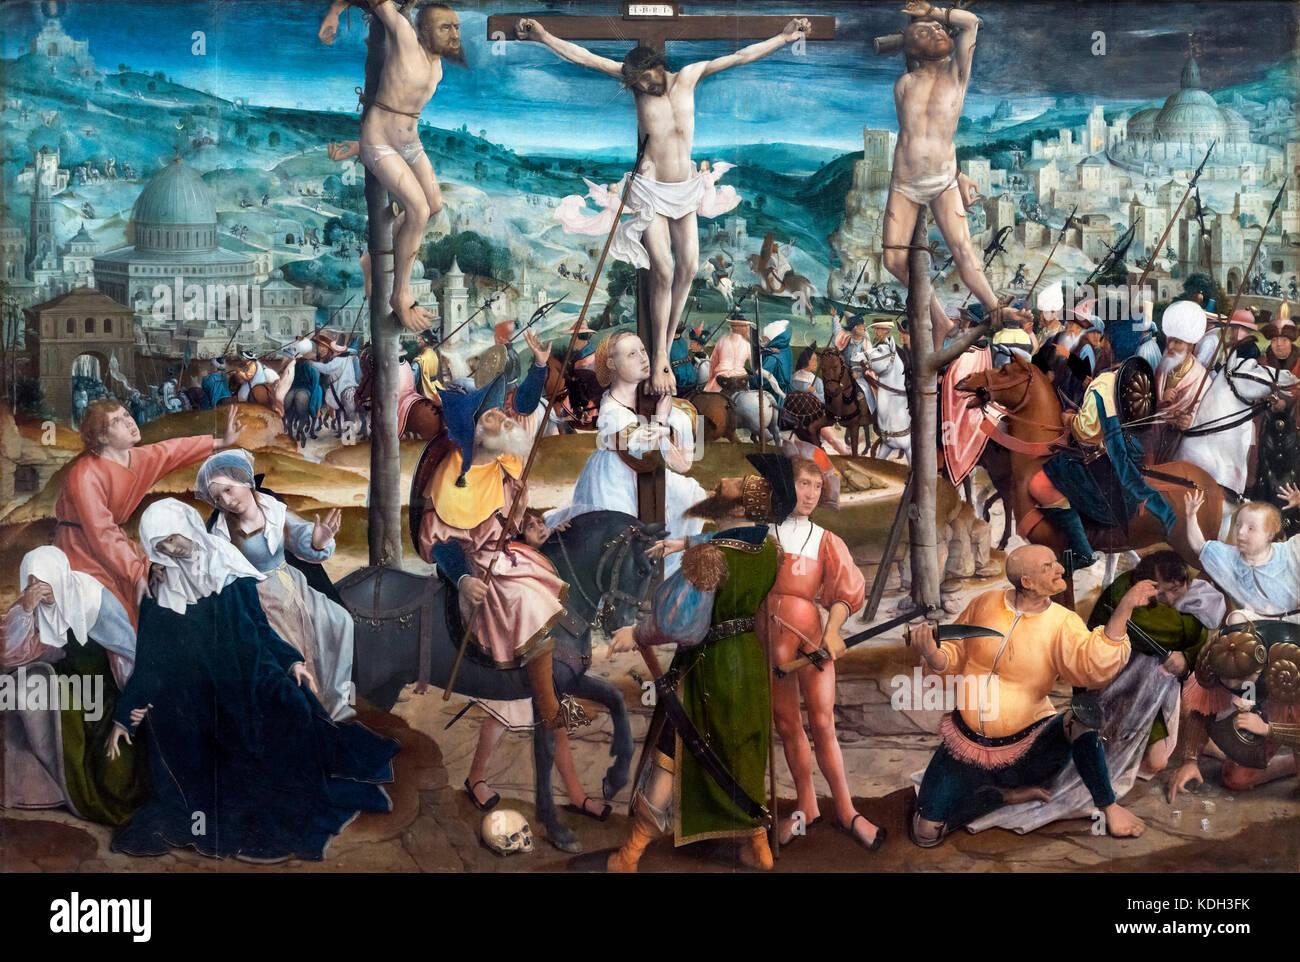 Crocifissione di Jan Provoost (1462-1529), olio su pannello, c.1501-1505 Immagini Stock